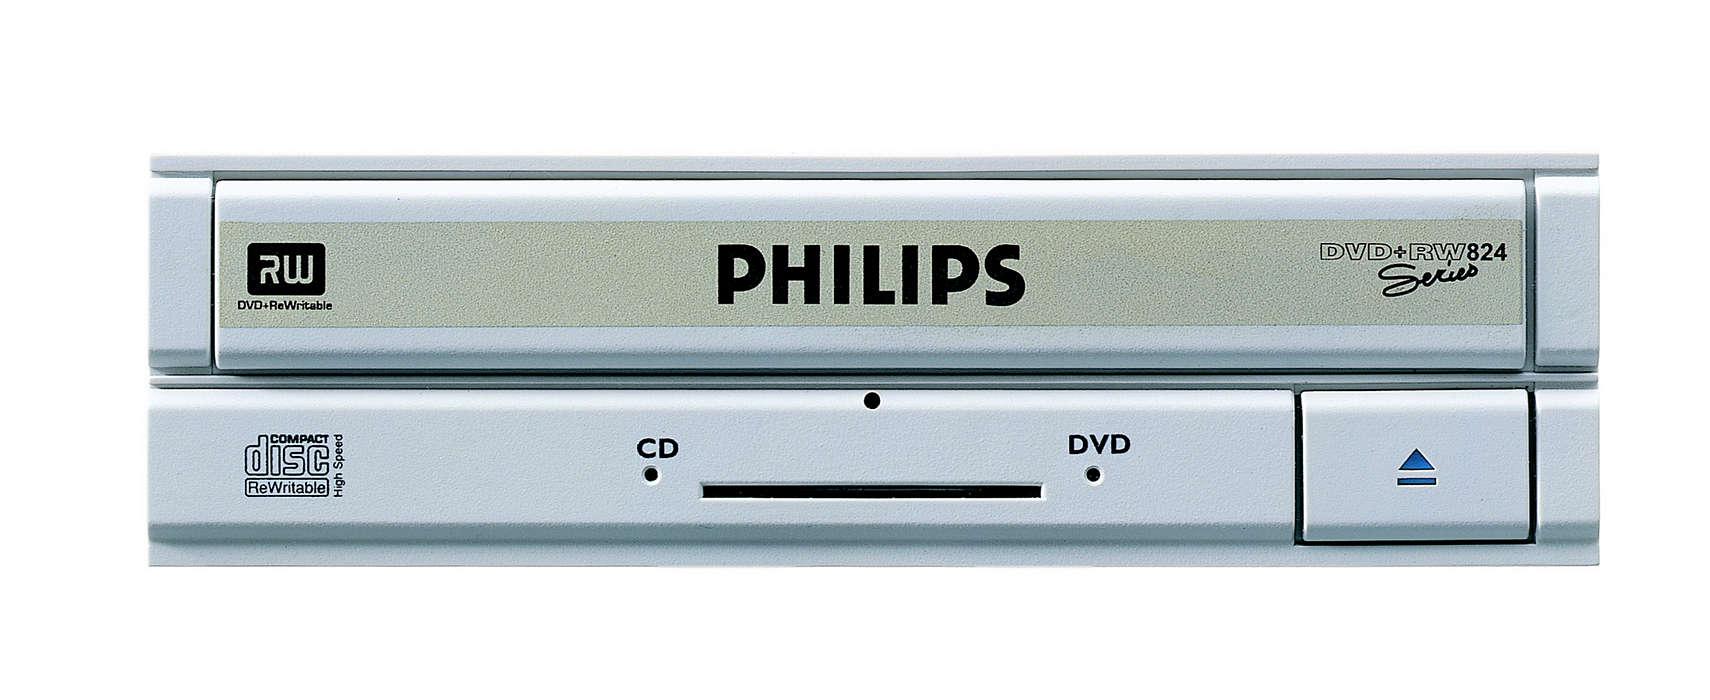 Kendi DVD'lerinizi ışık hızında yaratın